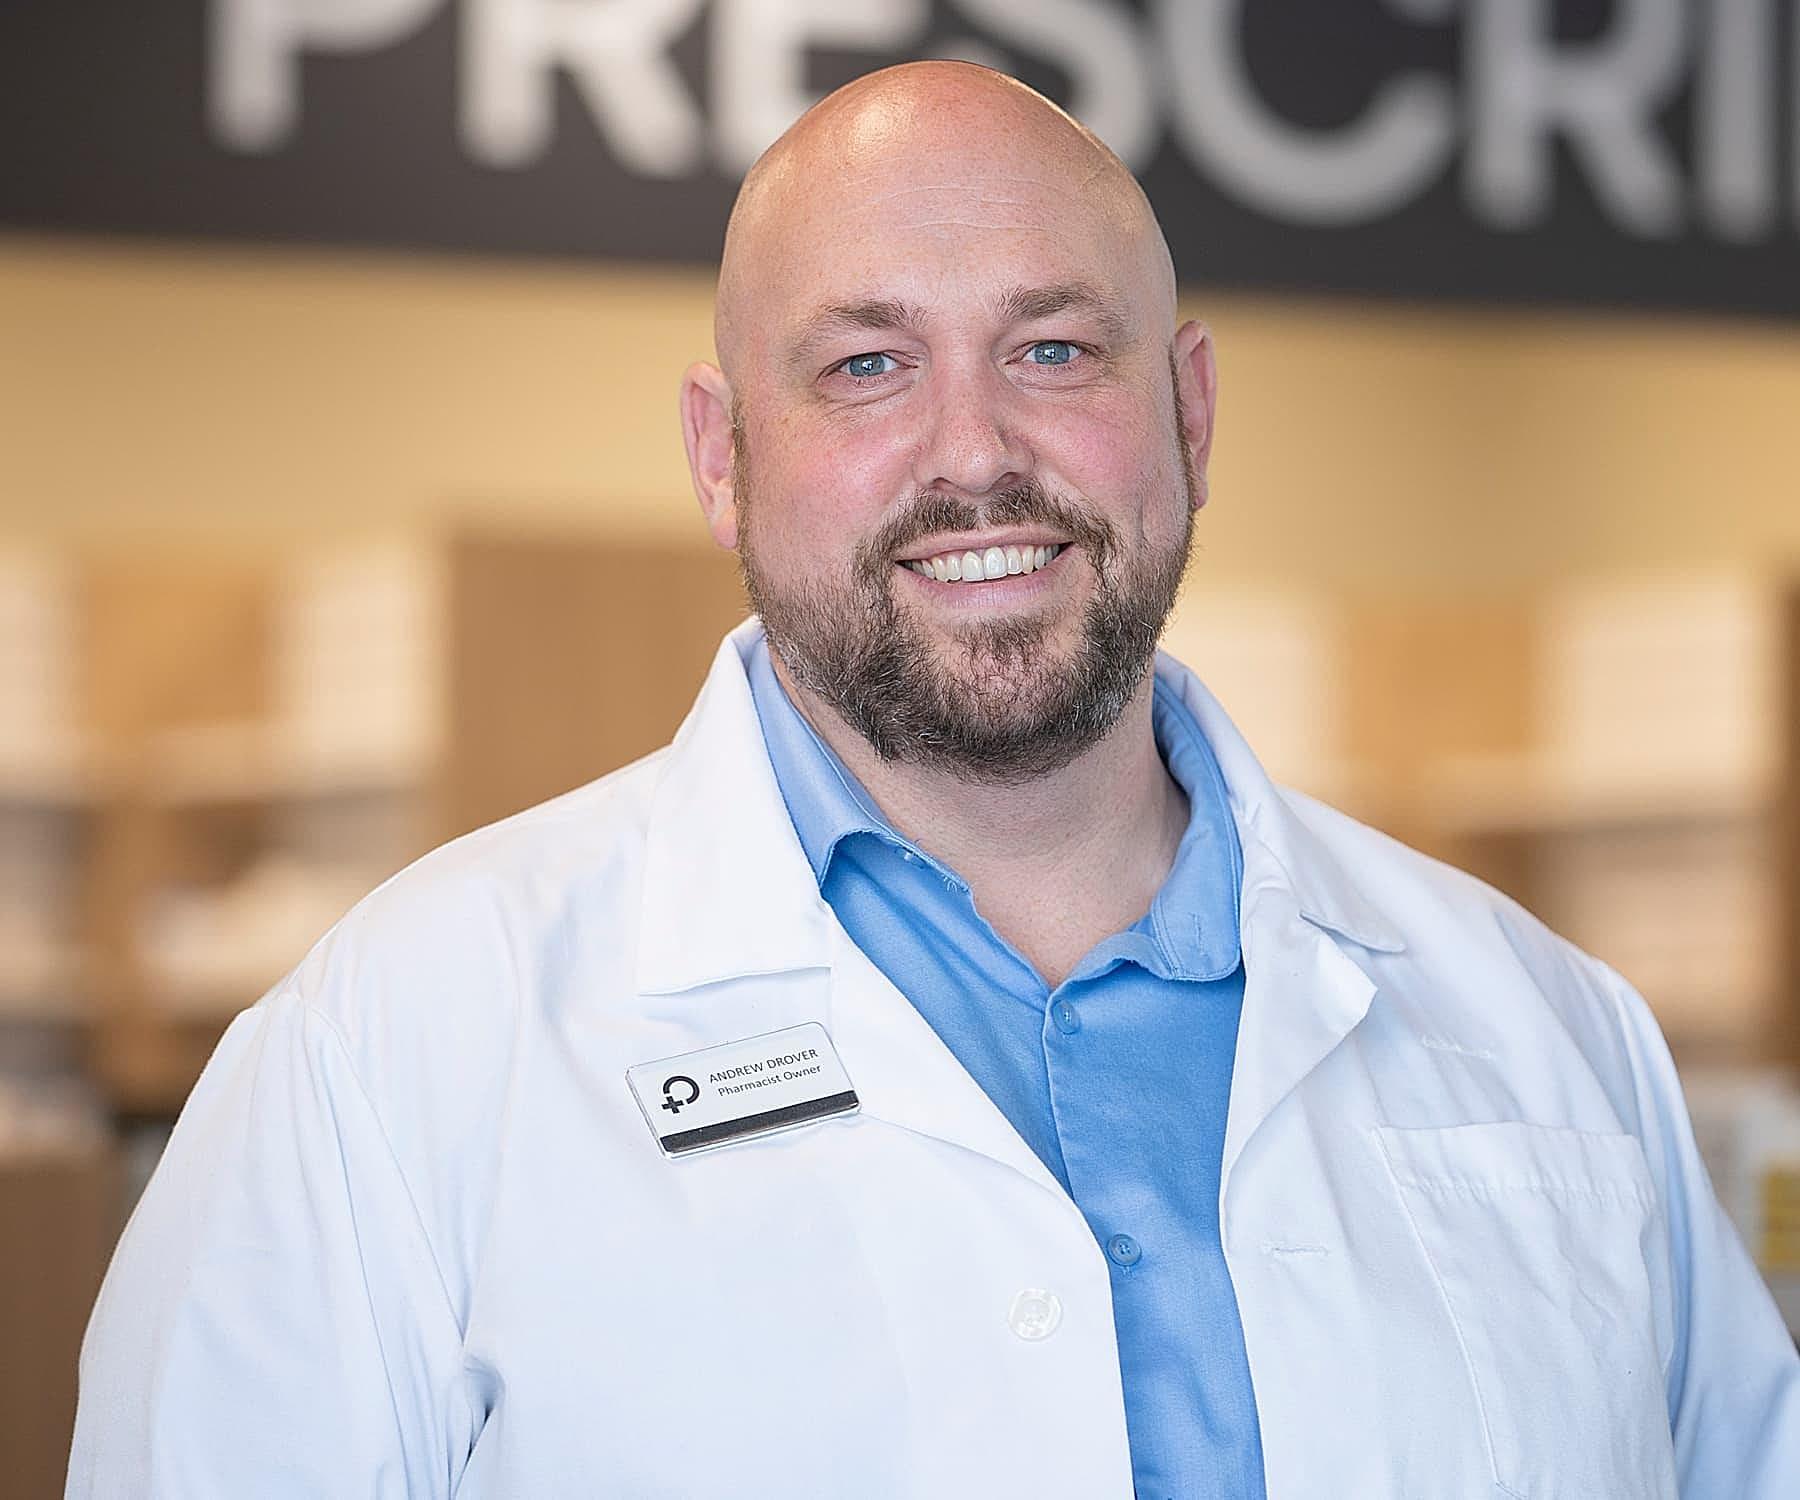 Andrew Drover Moncton Pharmacist